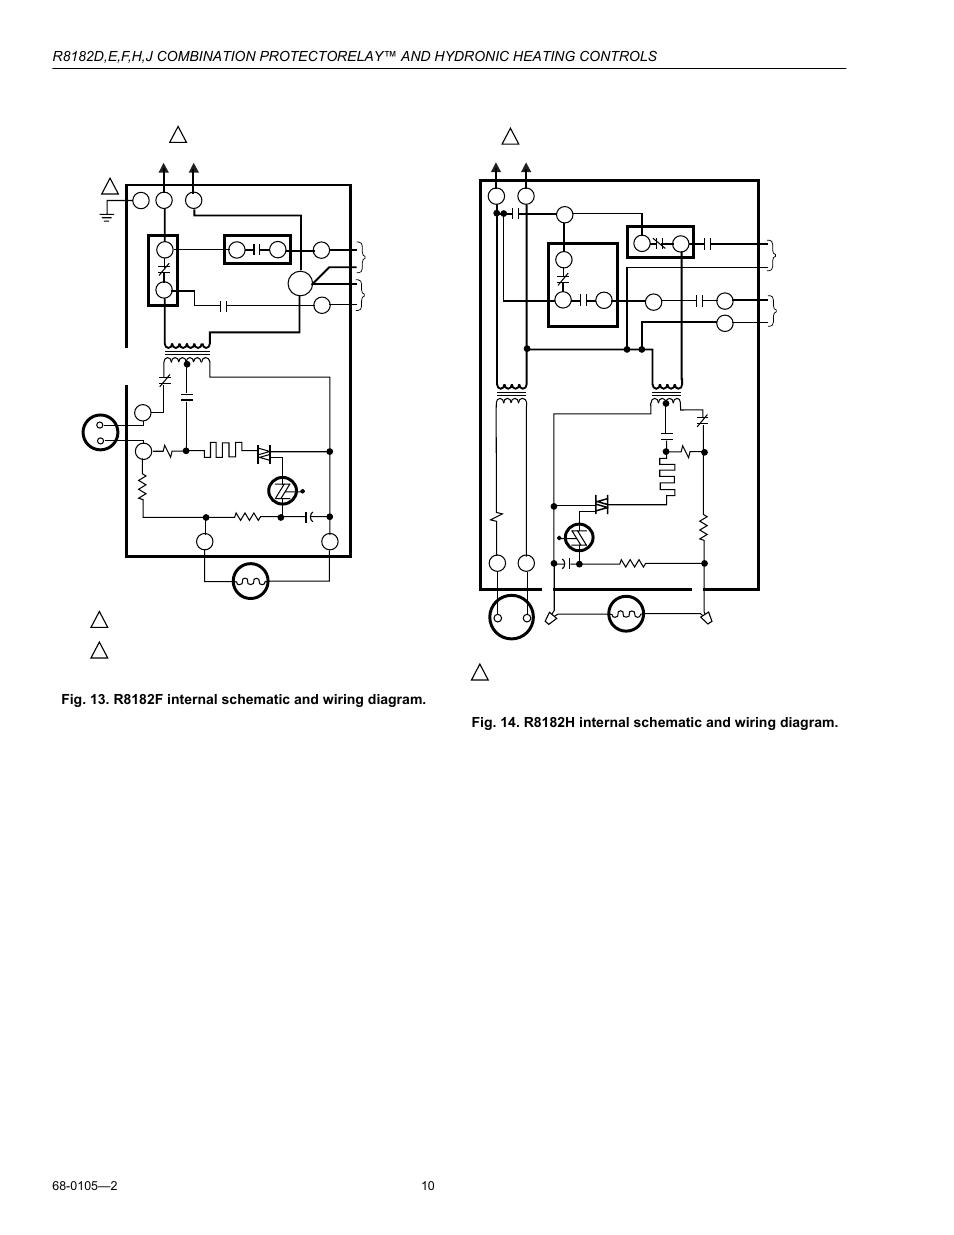 wiring diagram suzuki h20a wiring diagram detailed 1995 Suzuki Wiring-Diagram honeywell r8182d wiring diagram auto electrical wiring diagram 1995 suzuki wiring diagram wiring diagram suzuki h20a